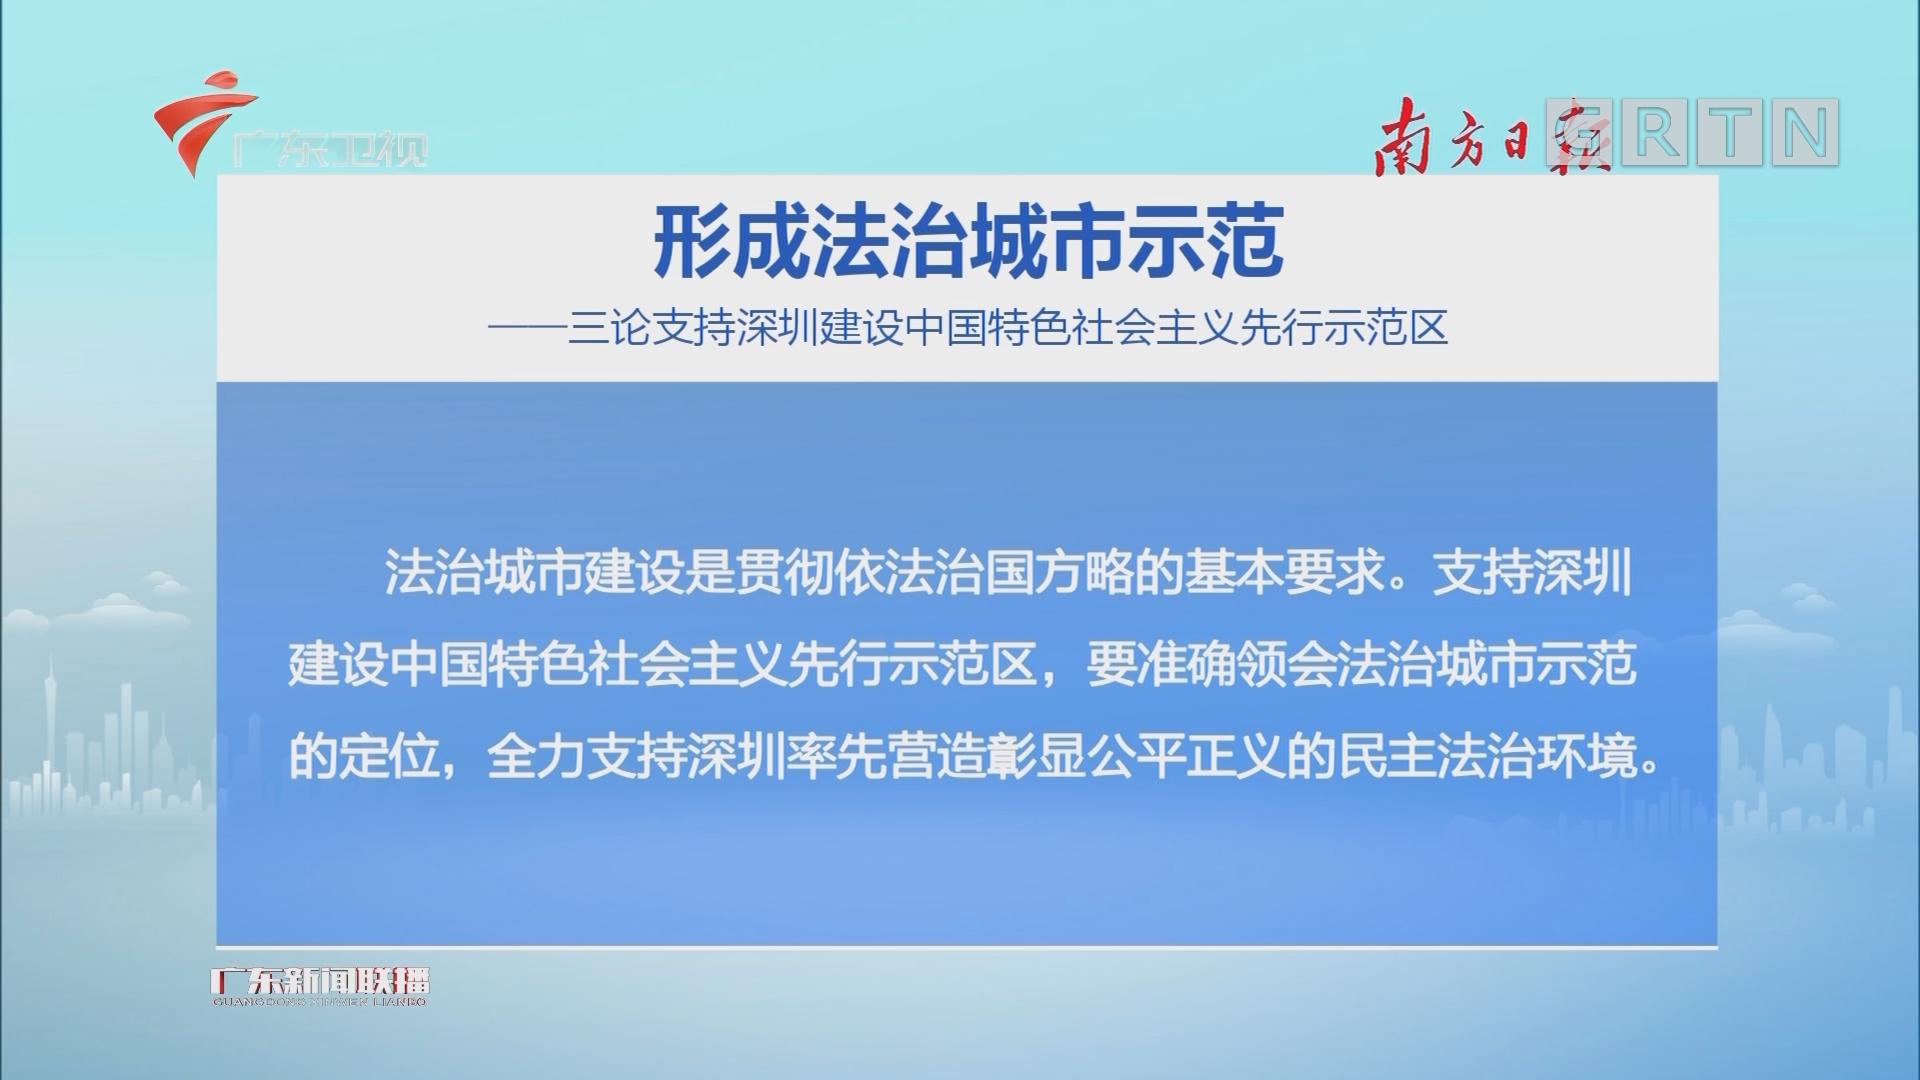 形成法治城市示范——三论支持深圳建设中国特色社会主义先行示范区